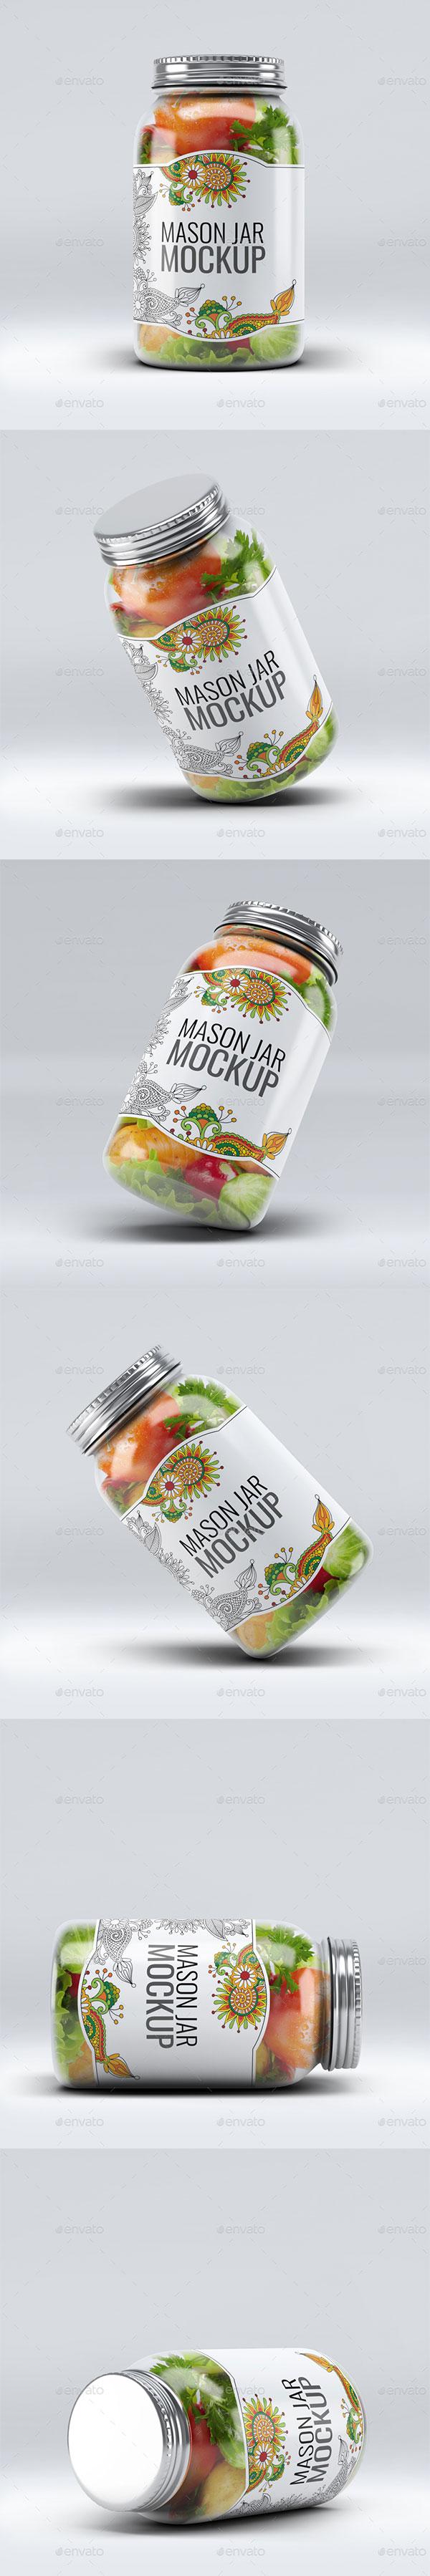 果酱罐头包装样机